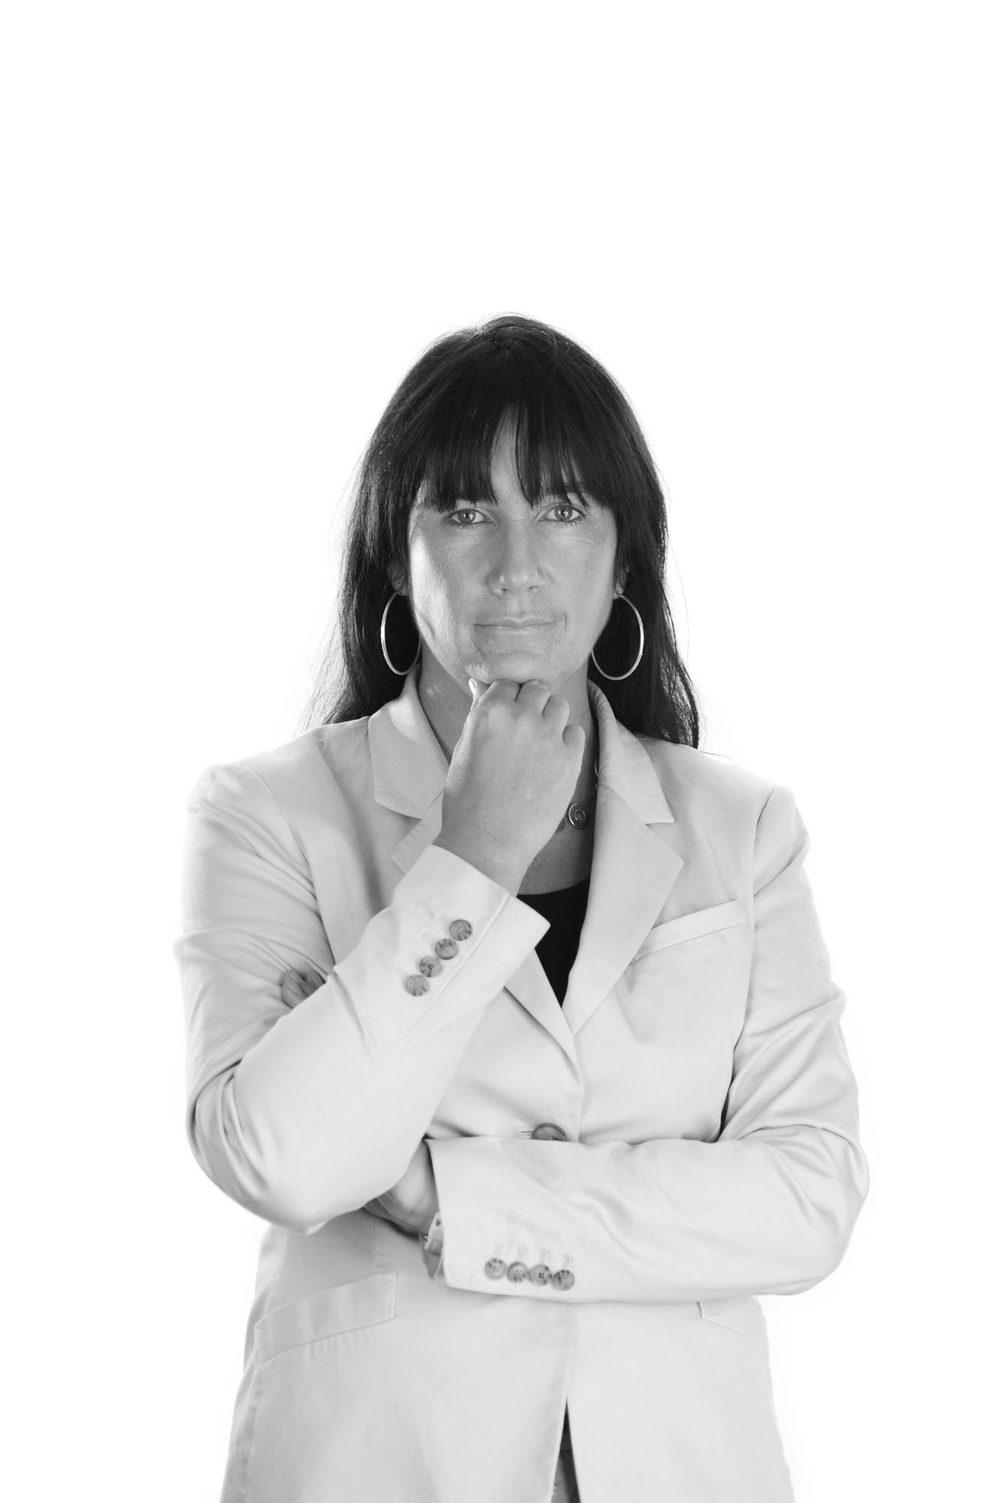 Françoise Bollen Droit immobilier et de la construction Urbanisme et environnement T+32 (0)2 511 64 25 F+32 (0)2 514 22 31 E :f.bollen@wery-legal.be